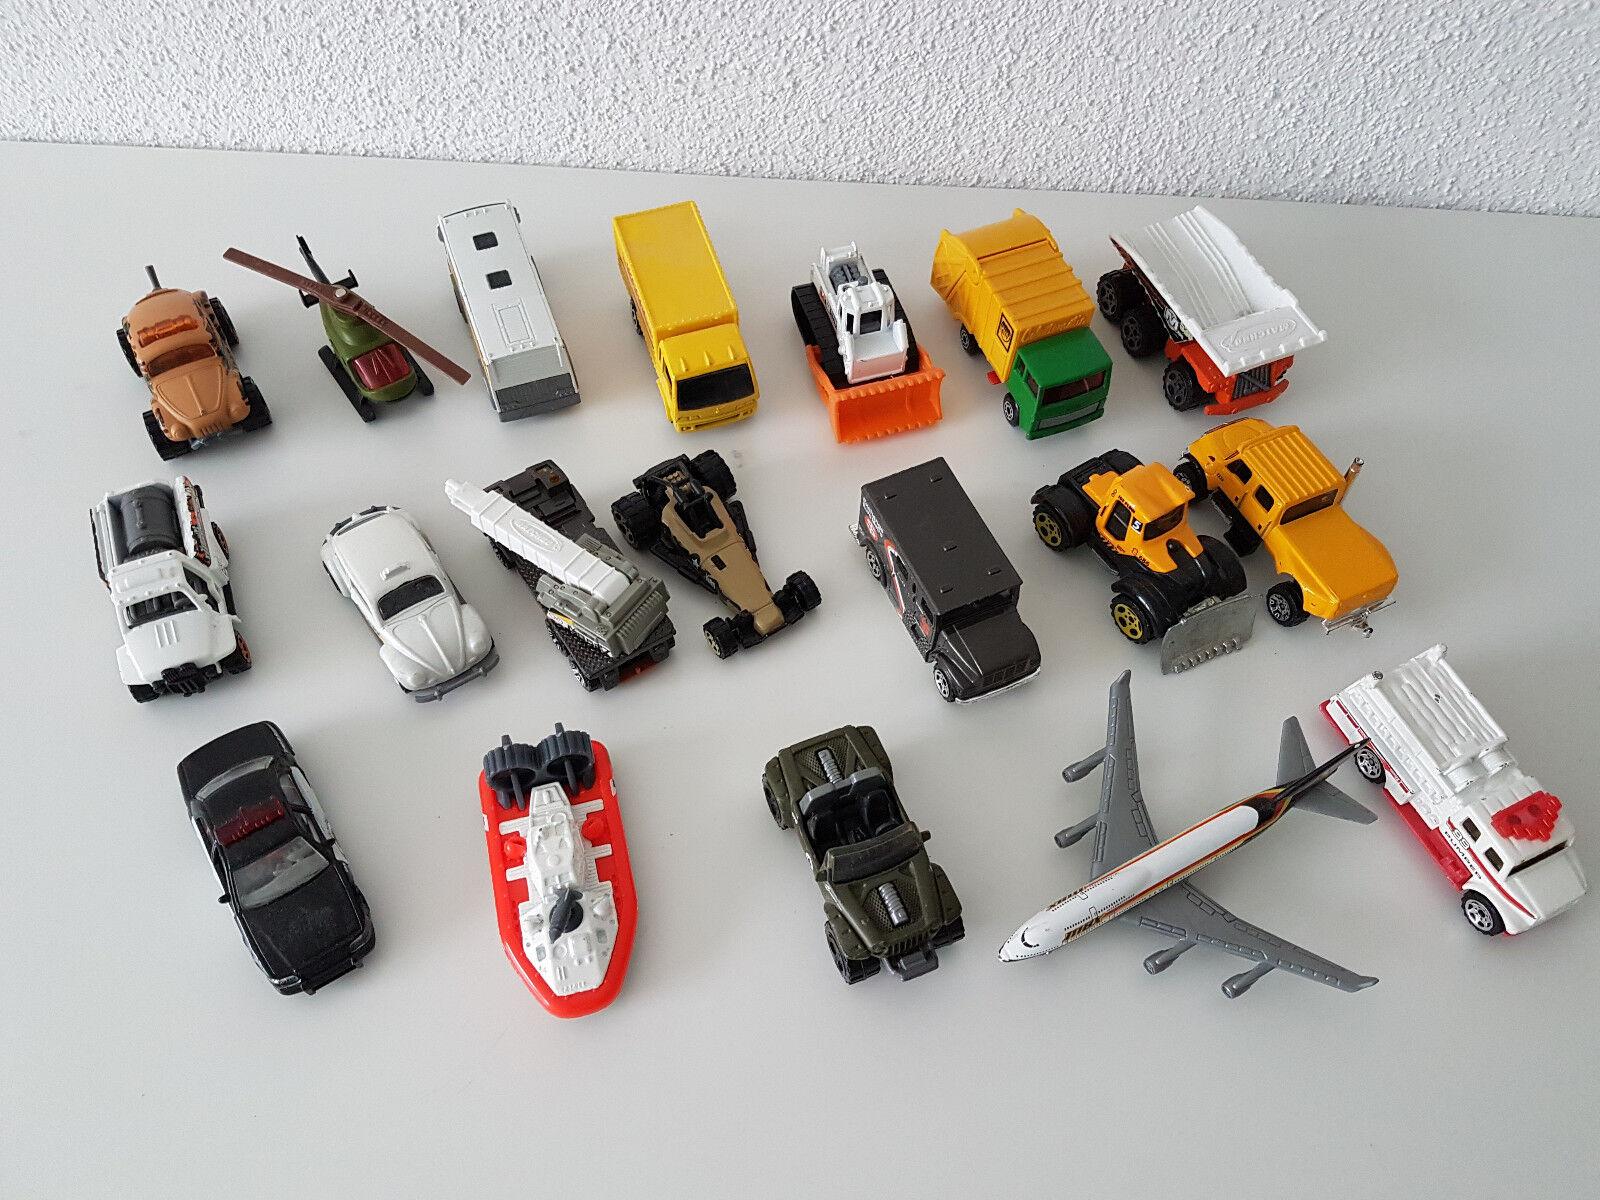 19x Matchbox Autos Bus LKW Flugzeug Hubschrauber Stiefel Taxi Bagger Polizei etc.